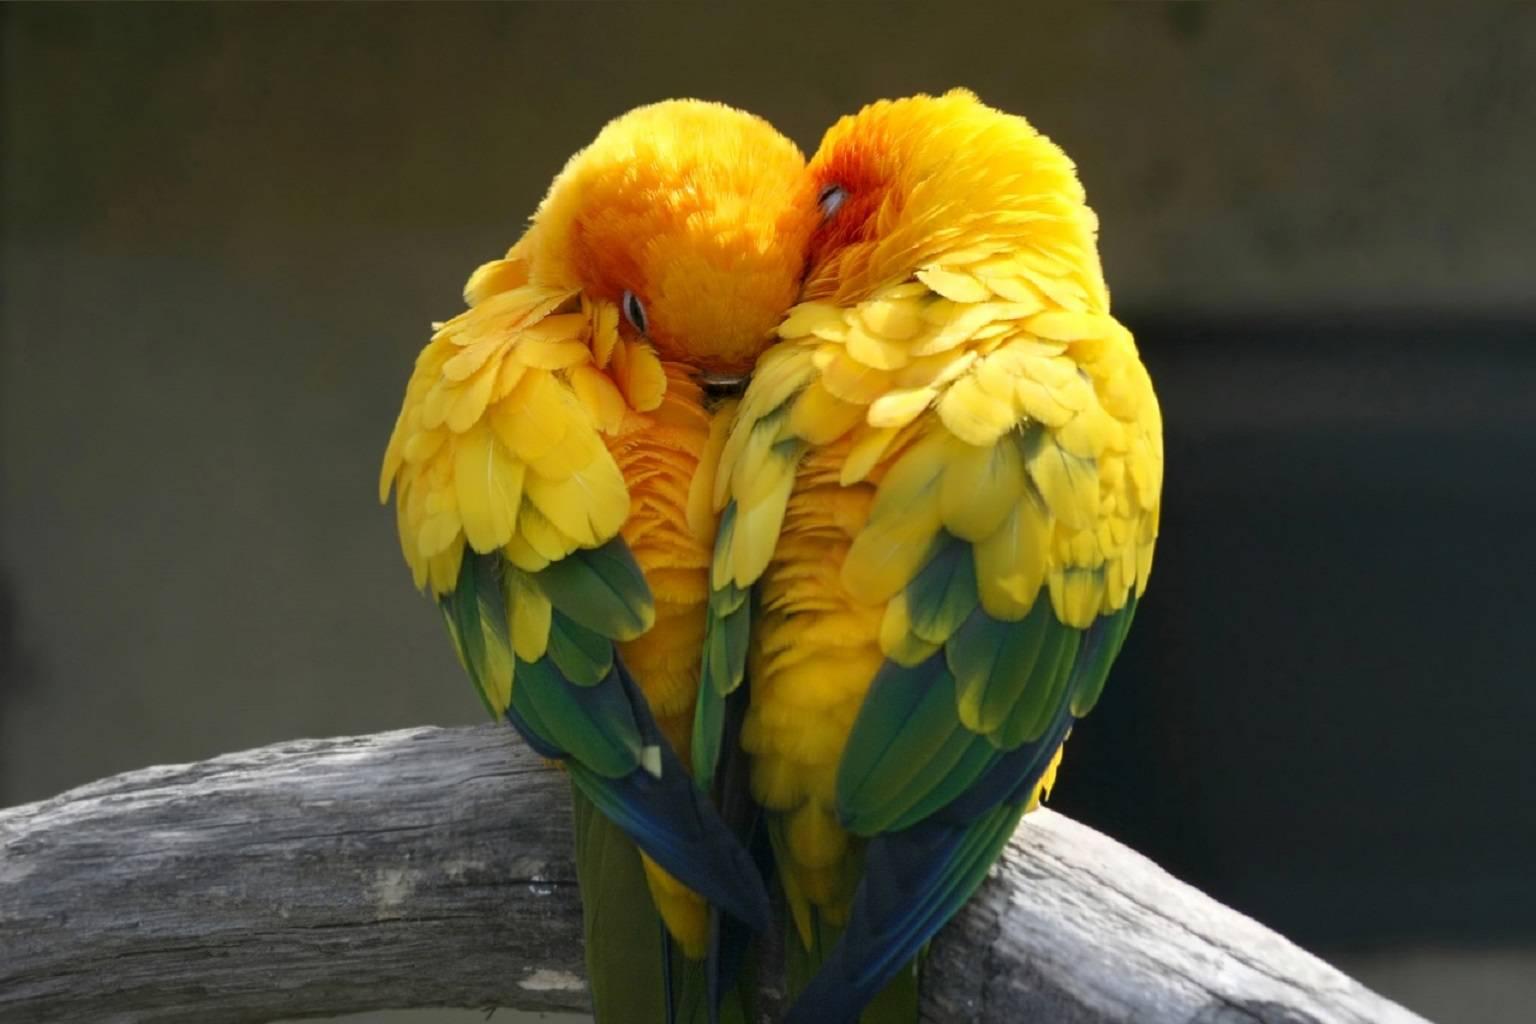 Yin and Yang parrots